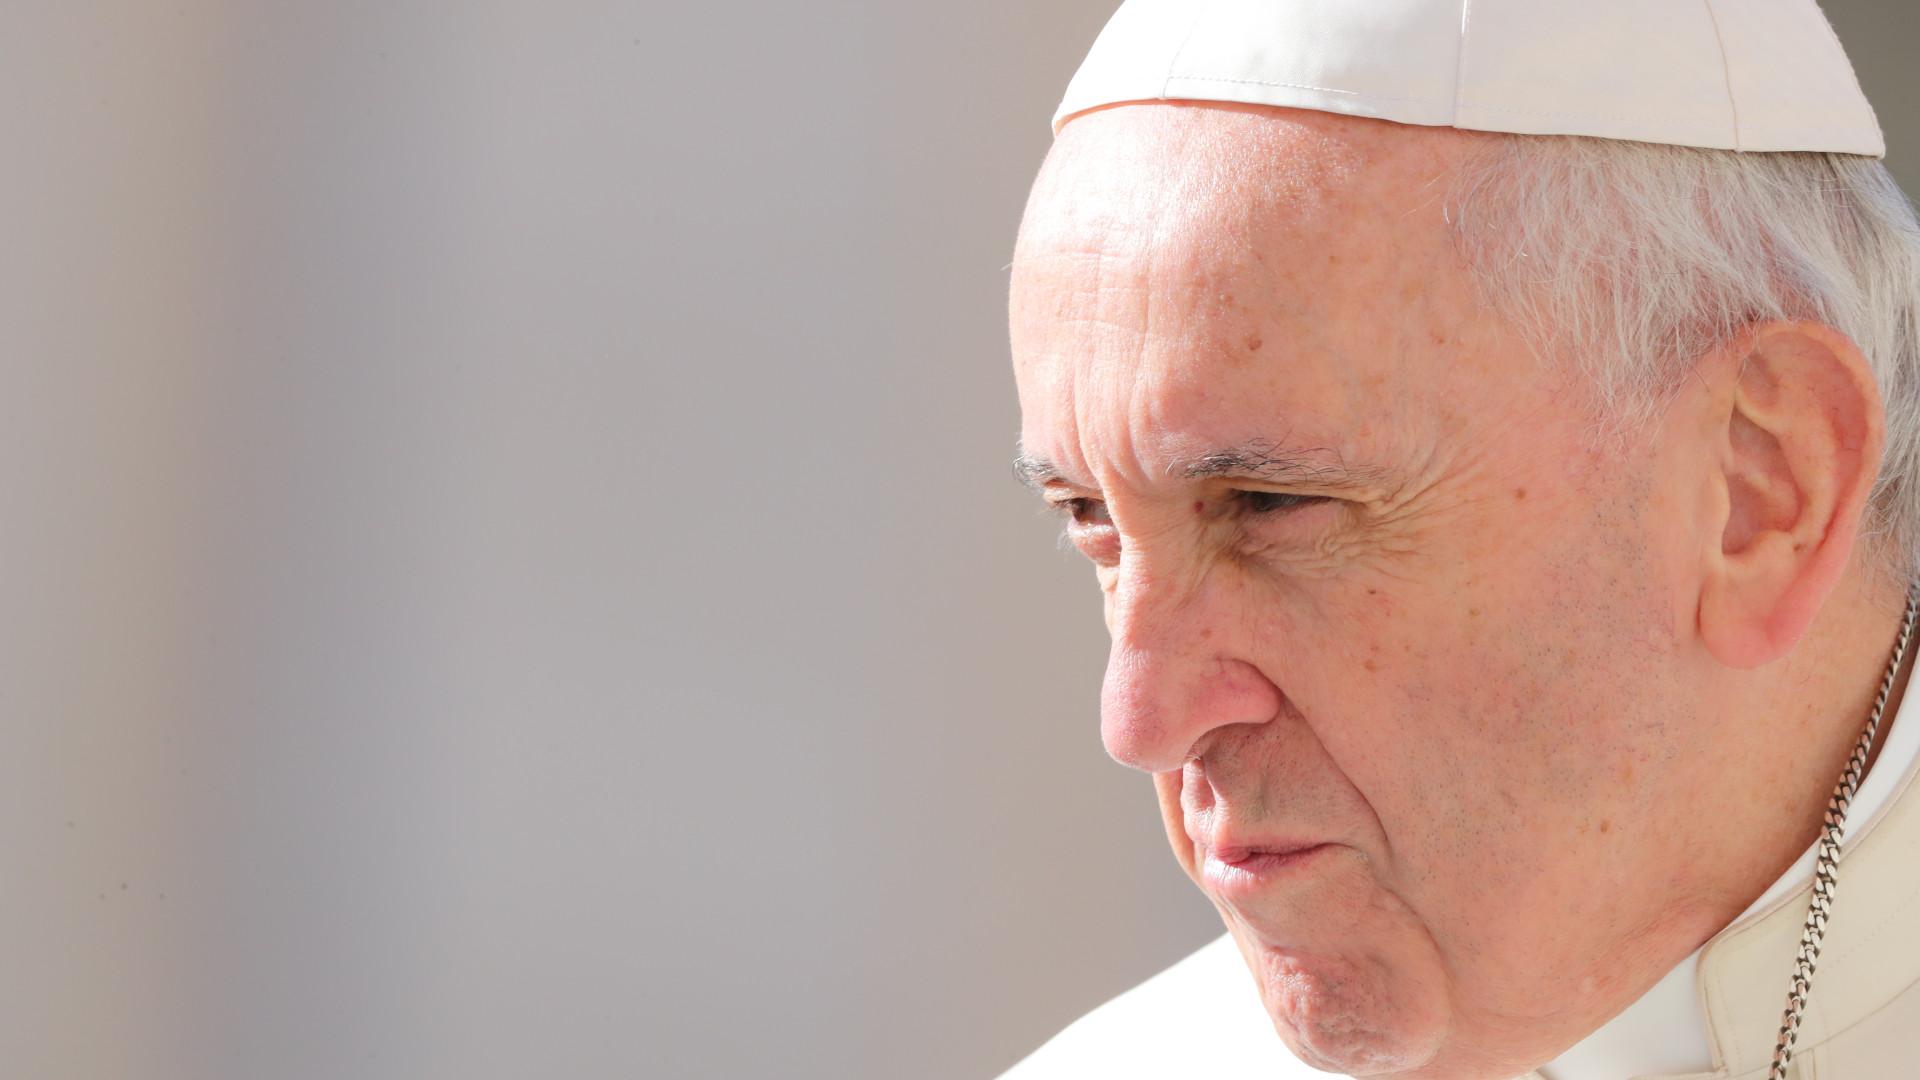 Papa lamenta que o ano tenha começado com tensões e violência no mundo